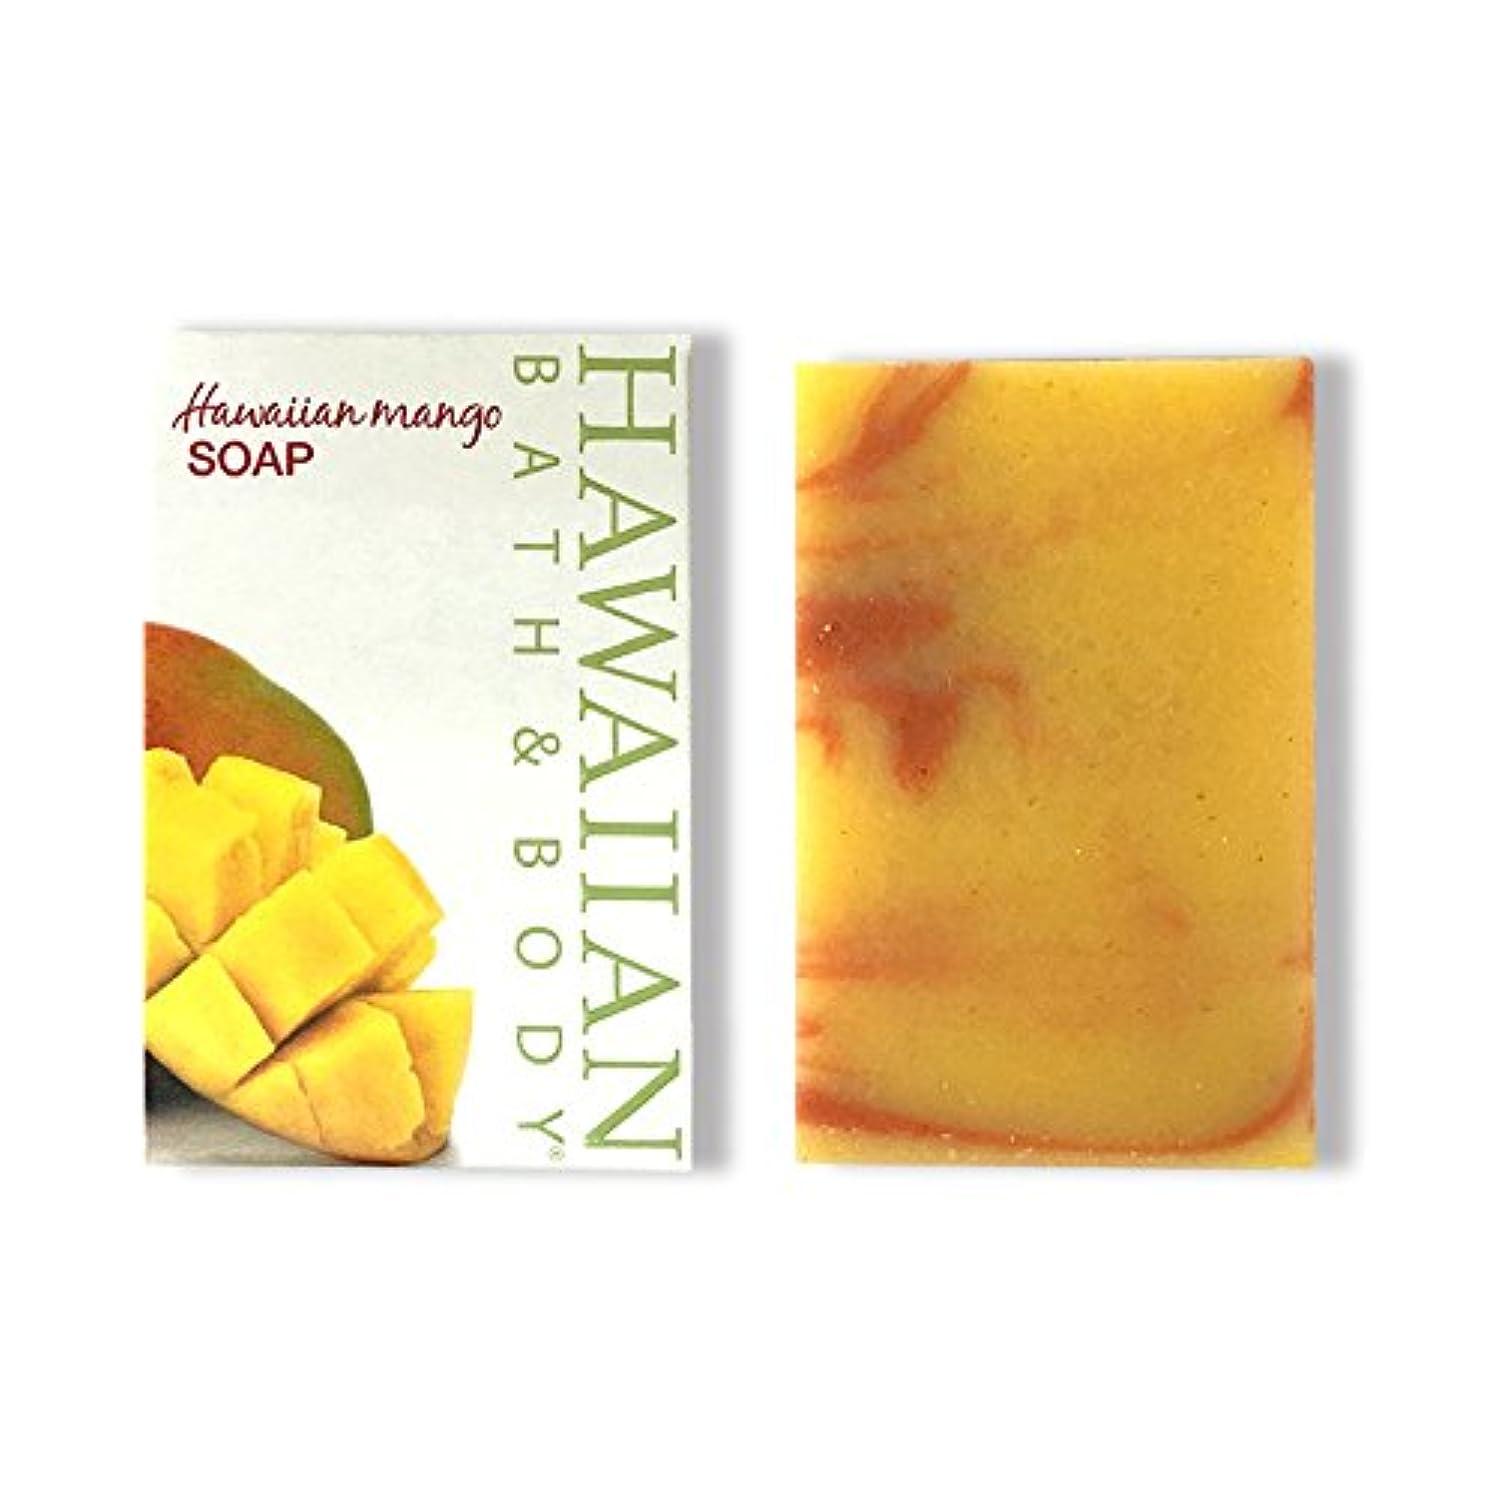 アカデミック交差点スイングハワイアンバス&ボディ ハワイアンマンゴーソープ ( Hawaiian Mango Soap )